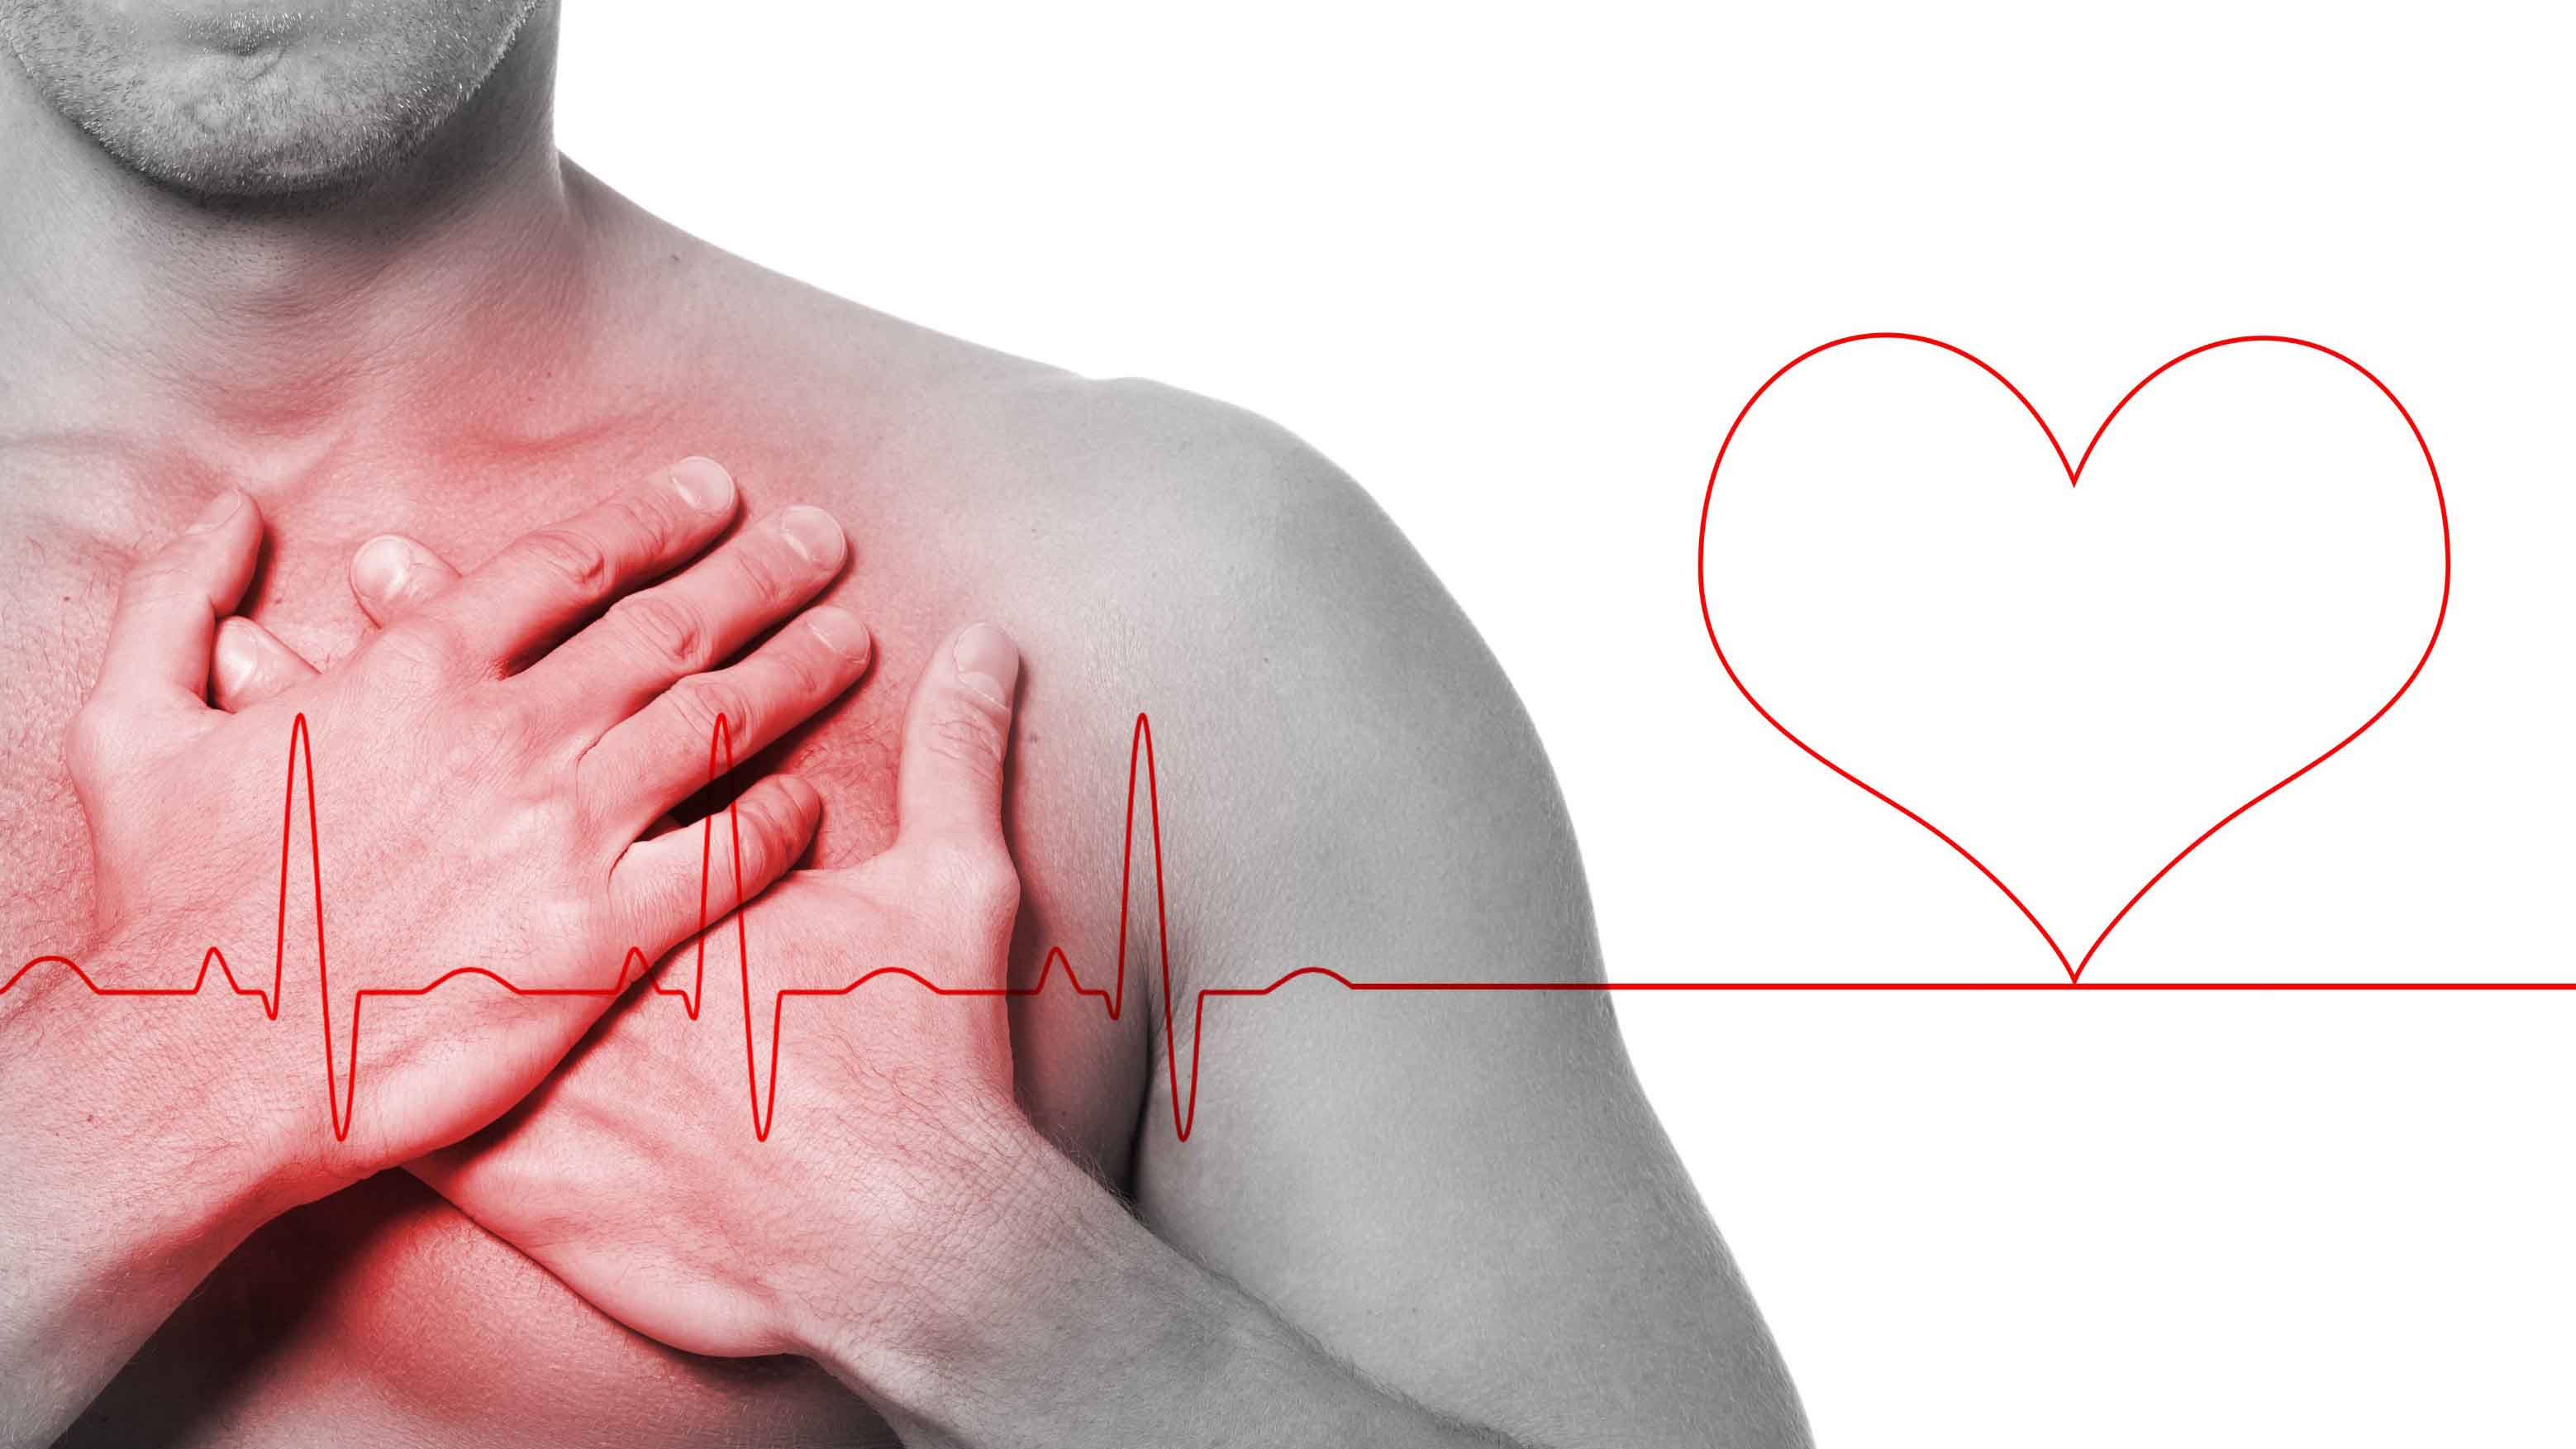 Tanto hombres como mujeres pueden reducir las probabilidades de sufrir problemas del corazón mejorando su salud en general y perdiendo peso